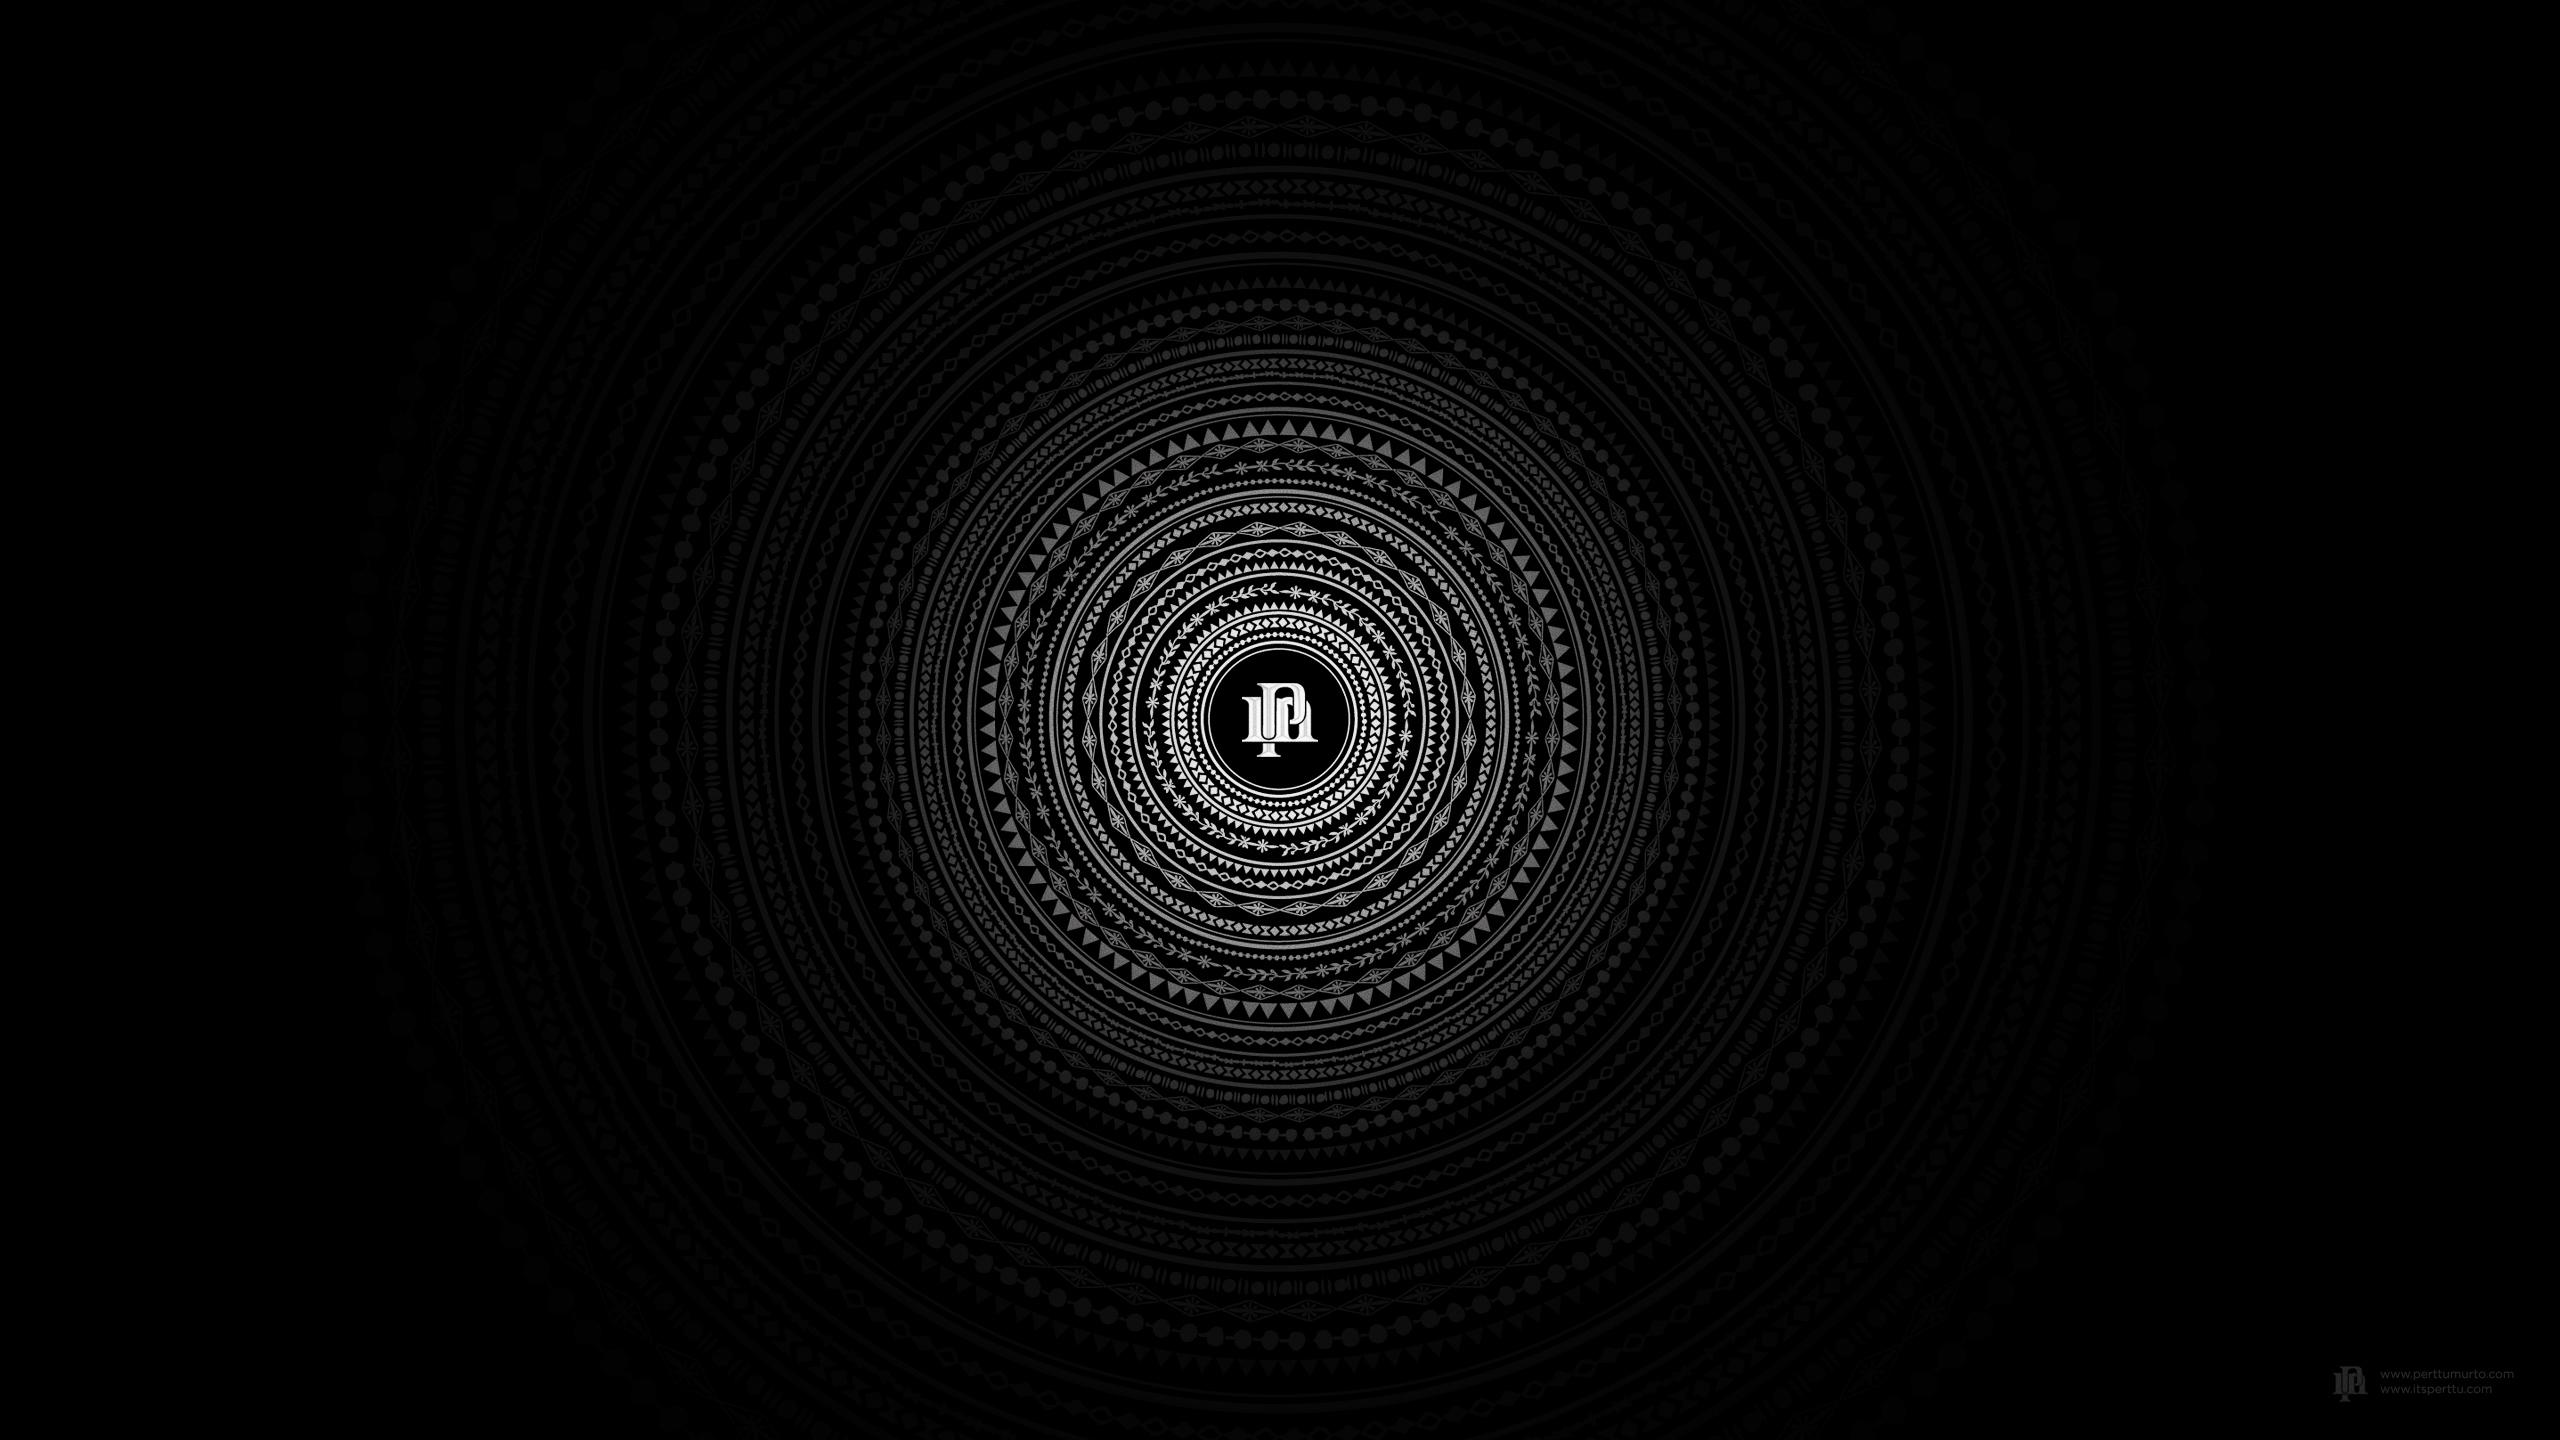 круги узоры темный фон  № 2064598 без смс